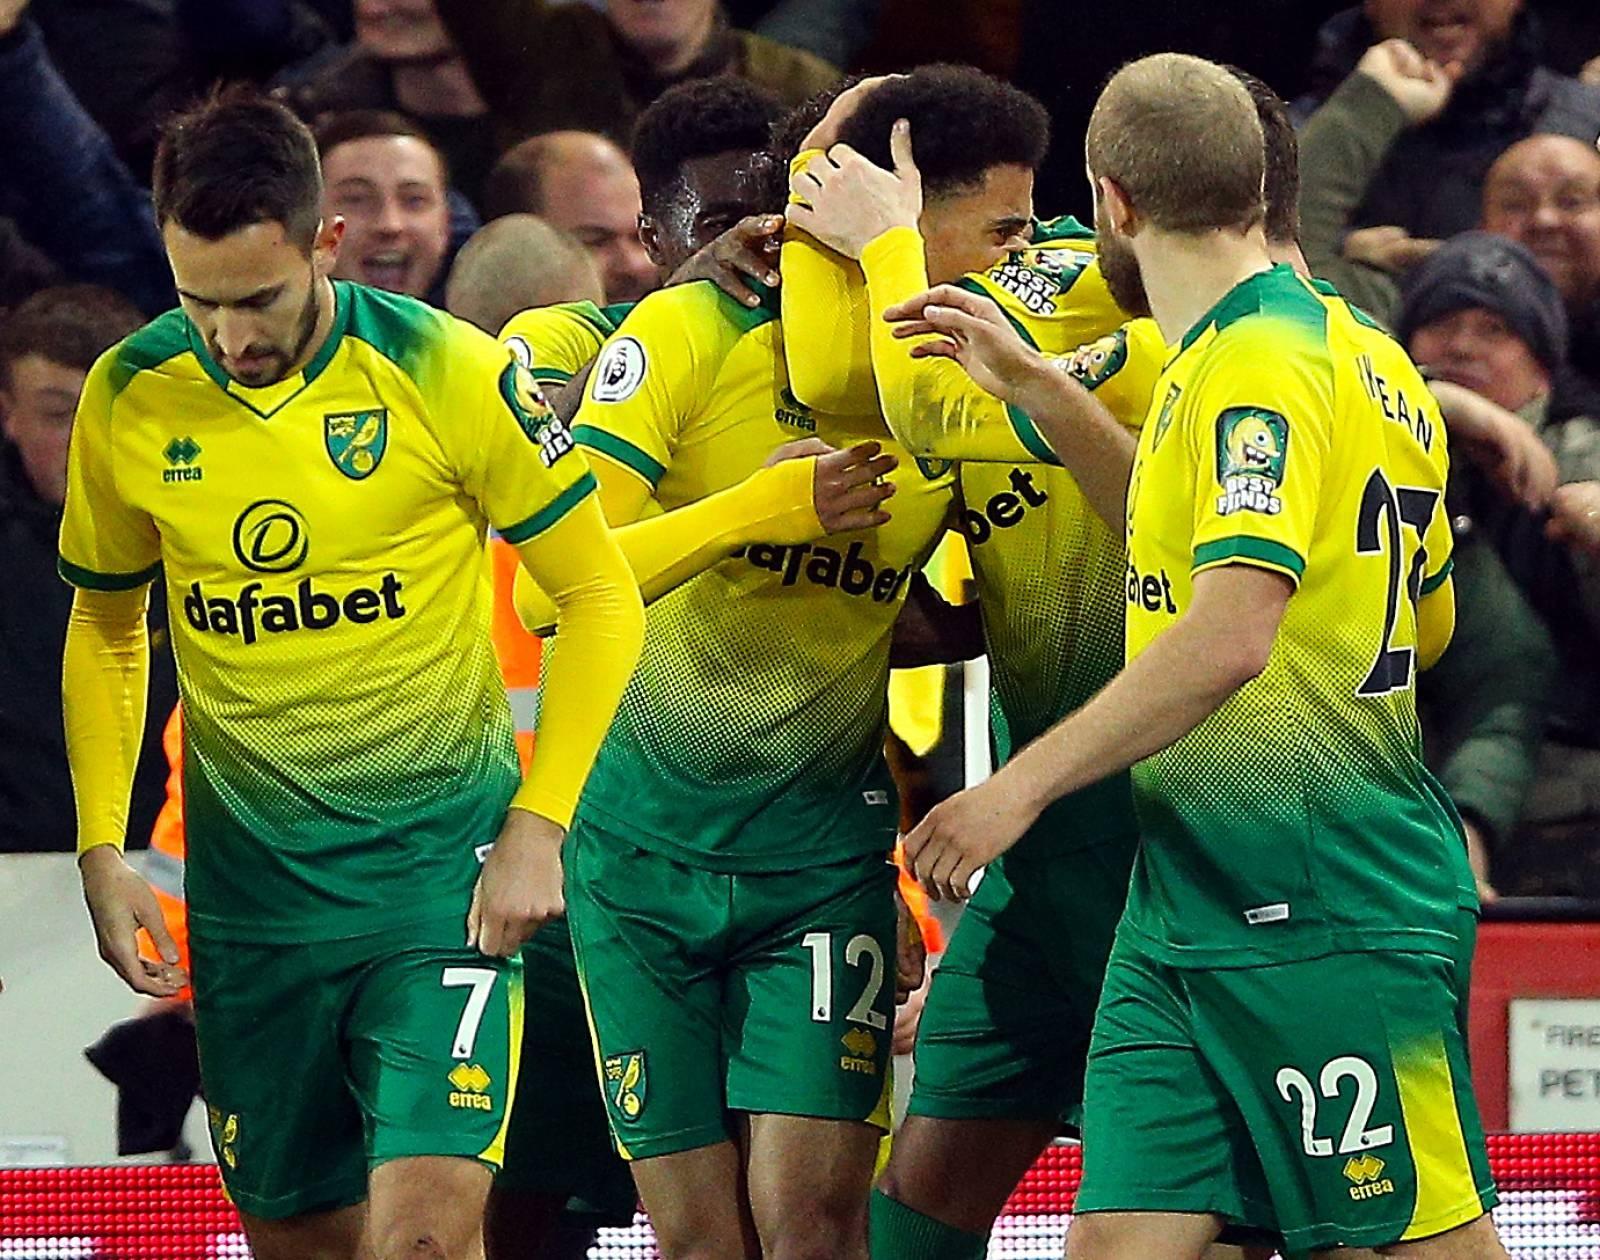 Norwich City v Leicester City - Premier League - Carrow Road